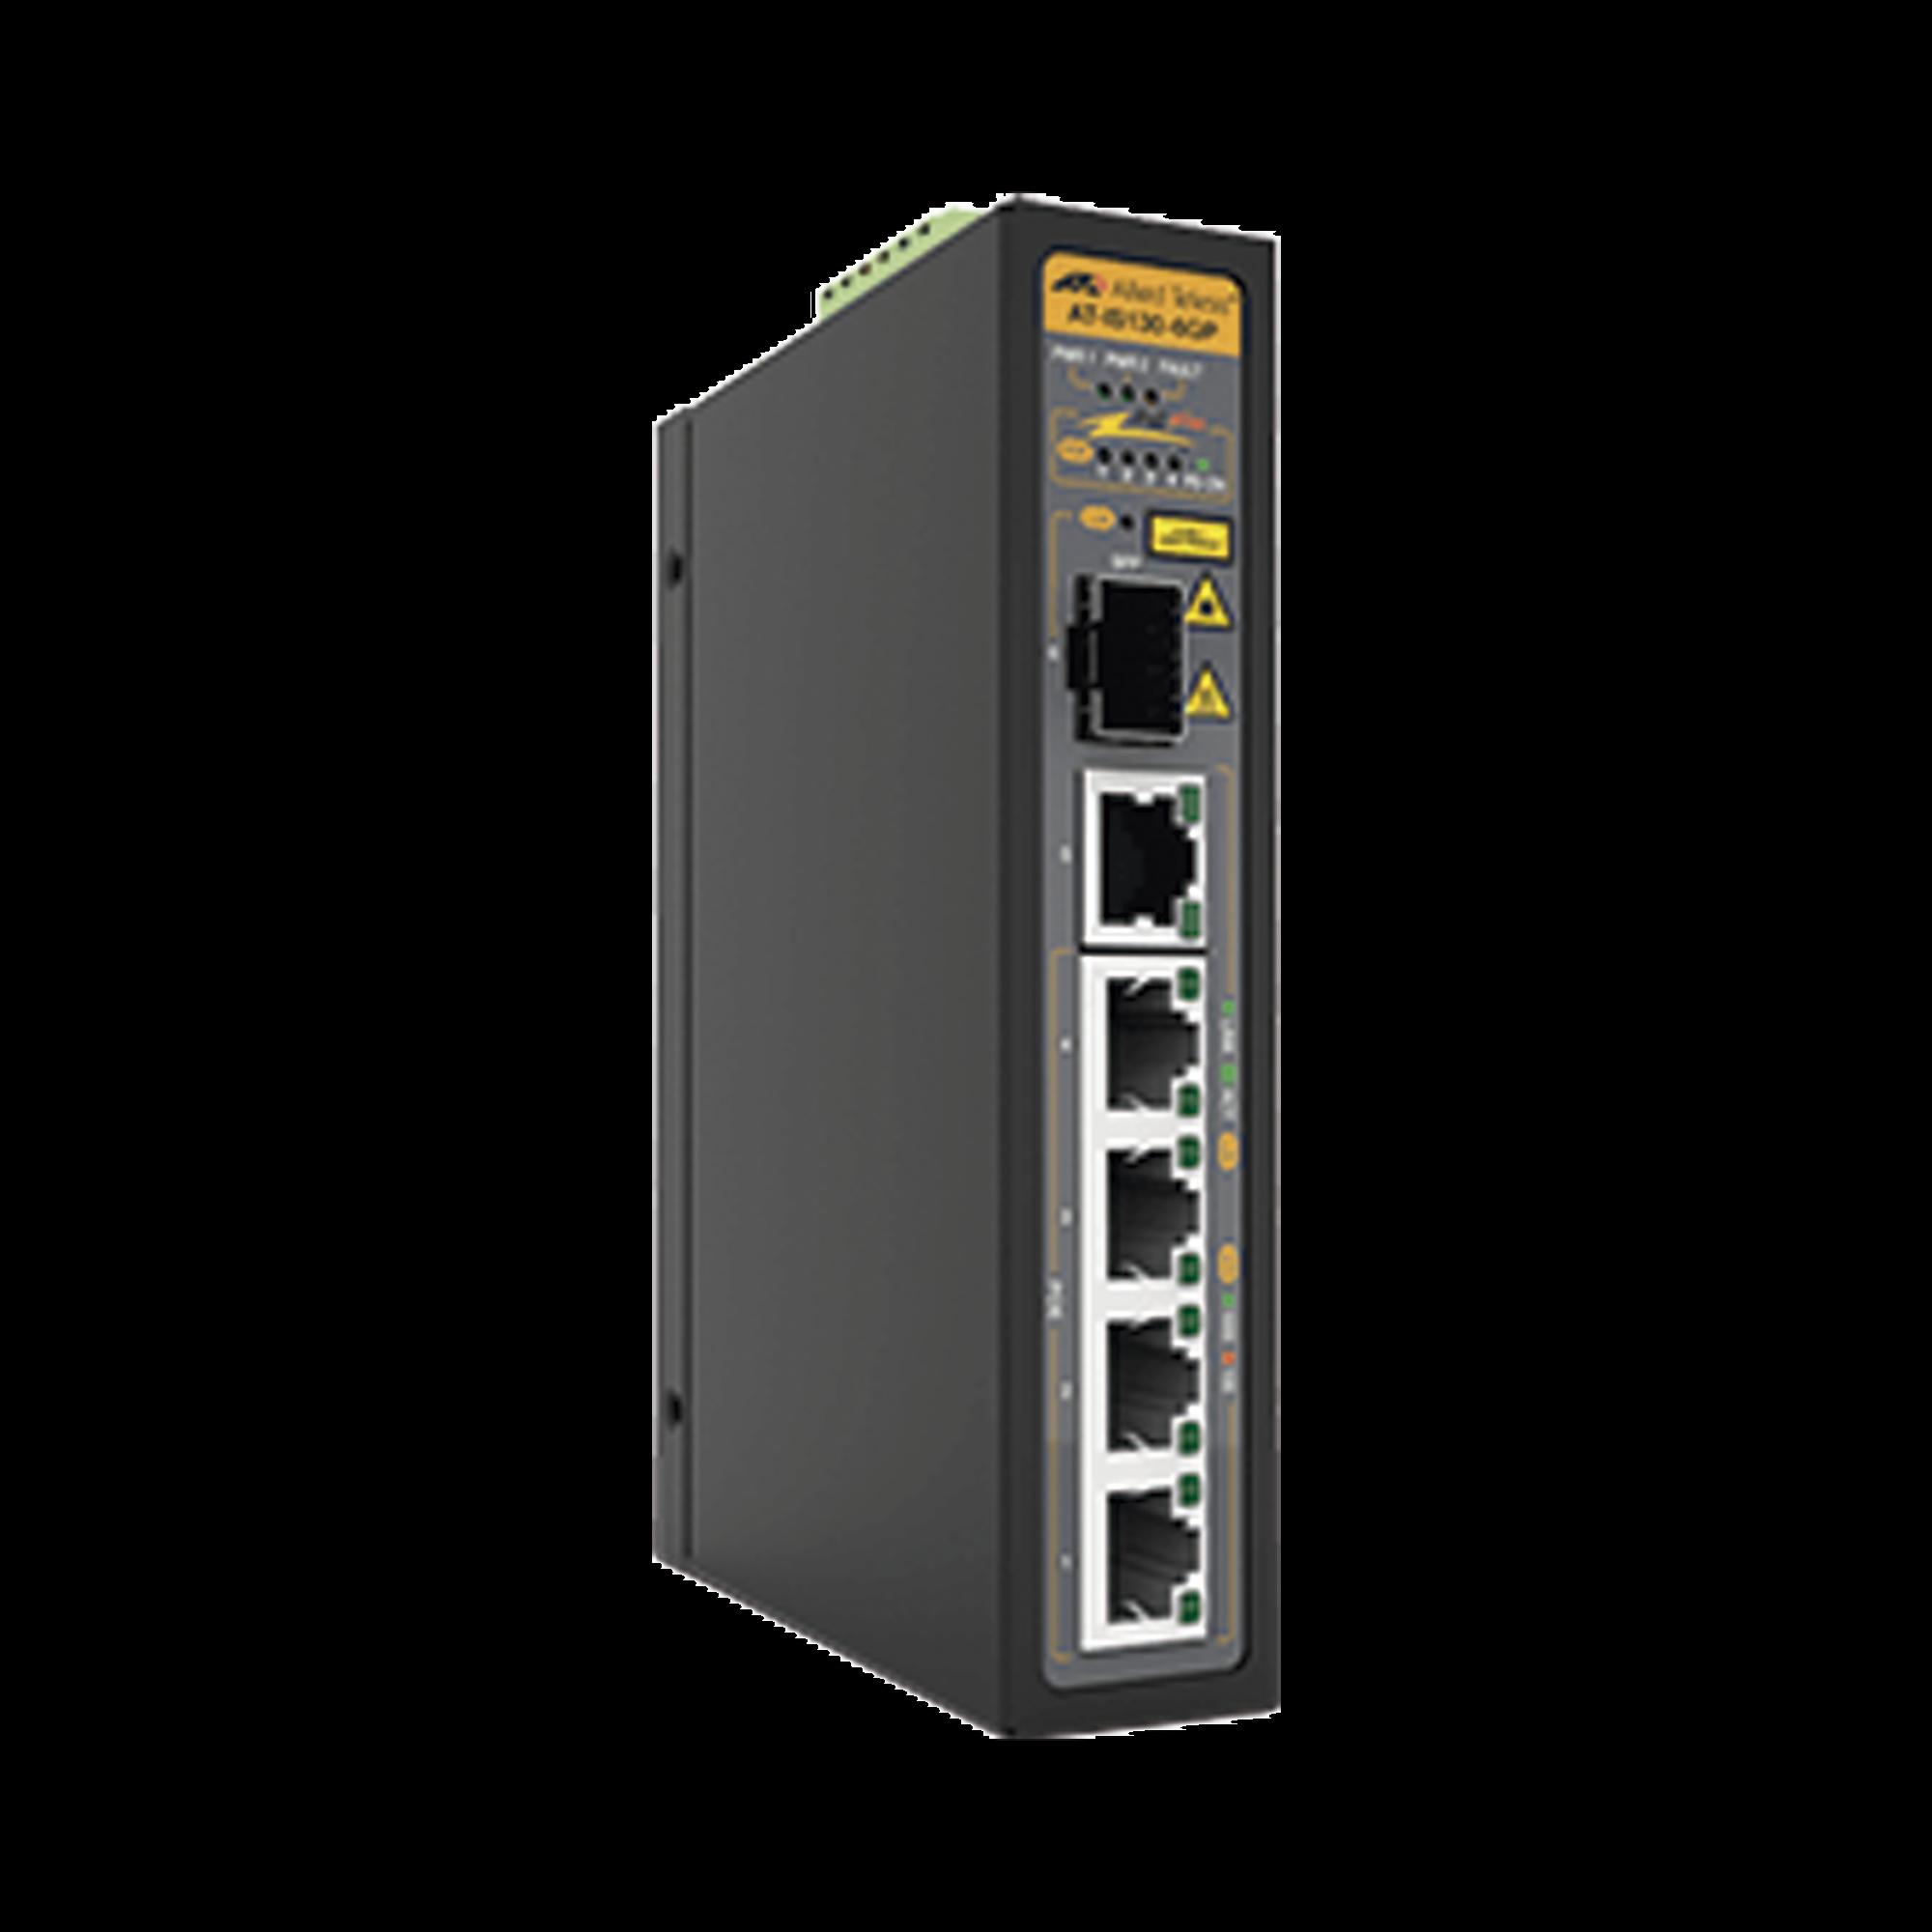 Switch Industrial PoE+ no administrable de 5 Puertos 10/100/1000 Mbps (4 Puertos son PoE+) + 1 puertos SFP, 90 W